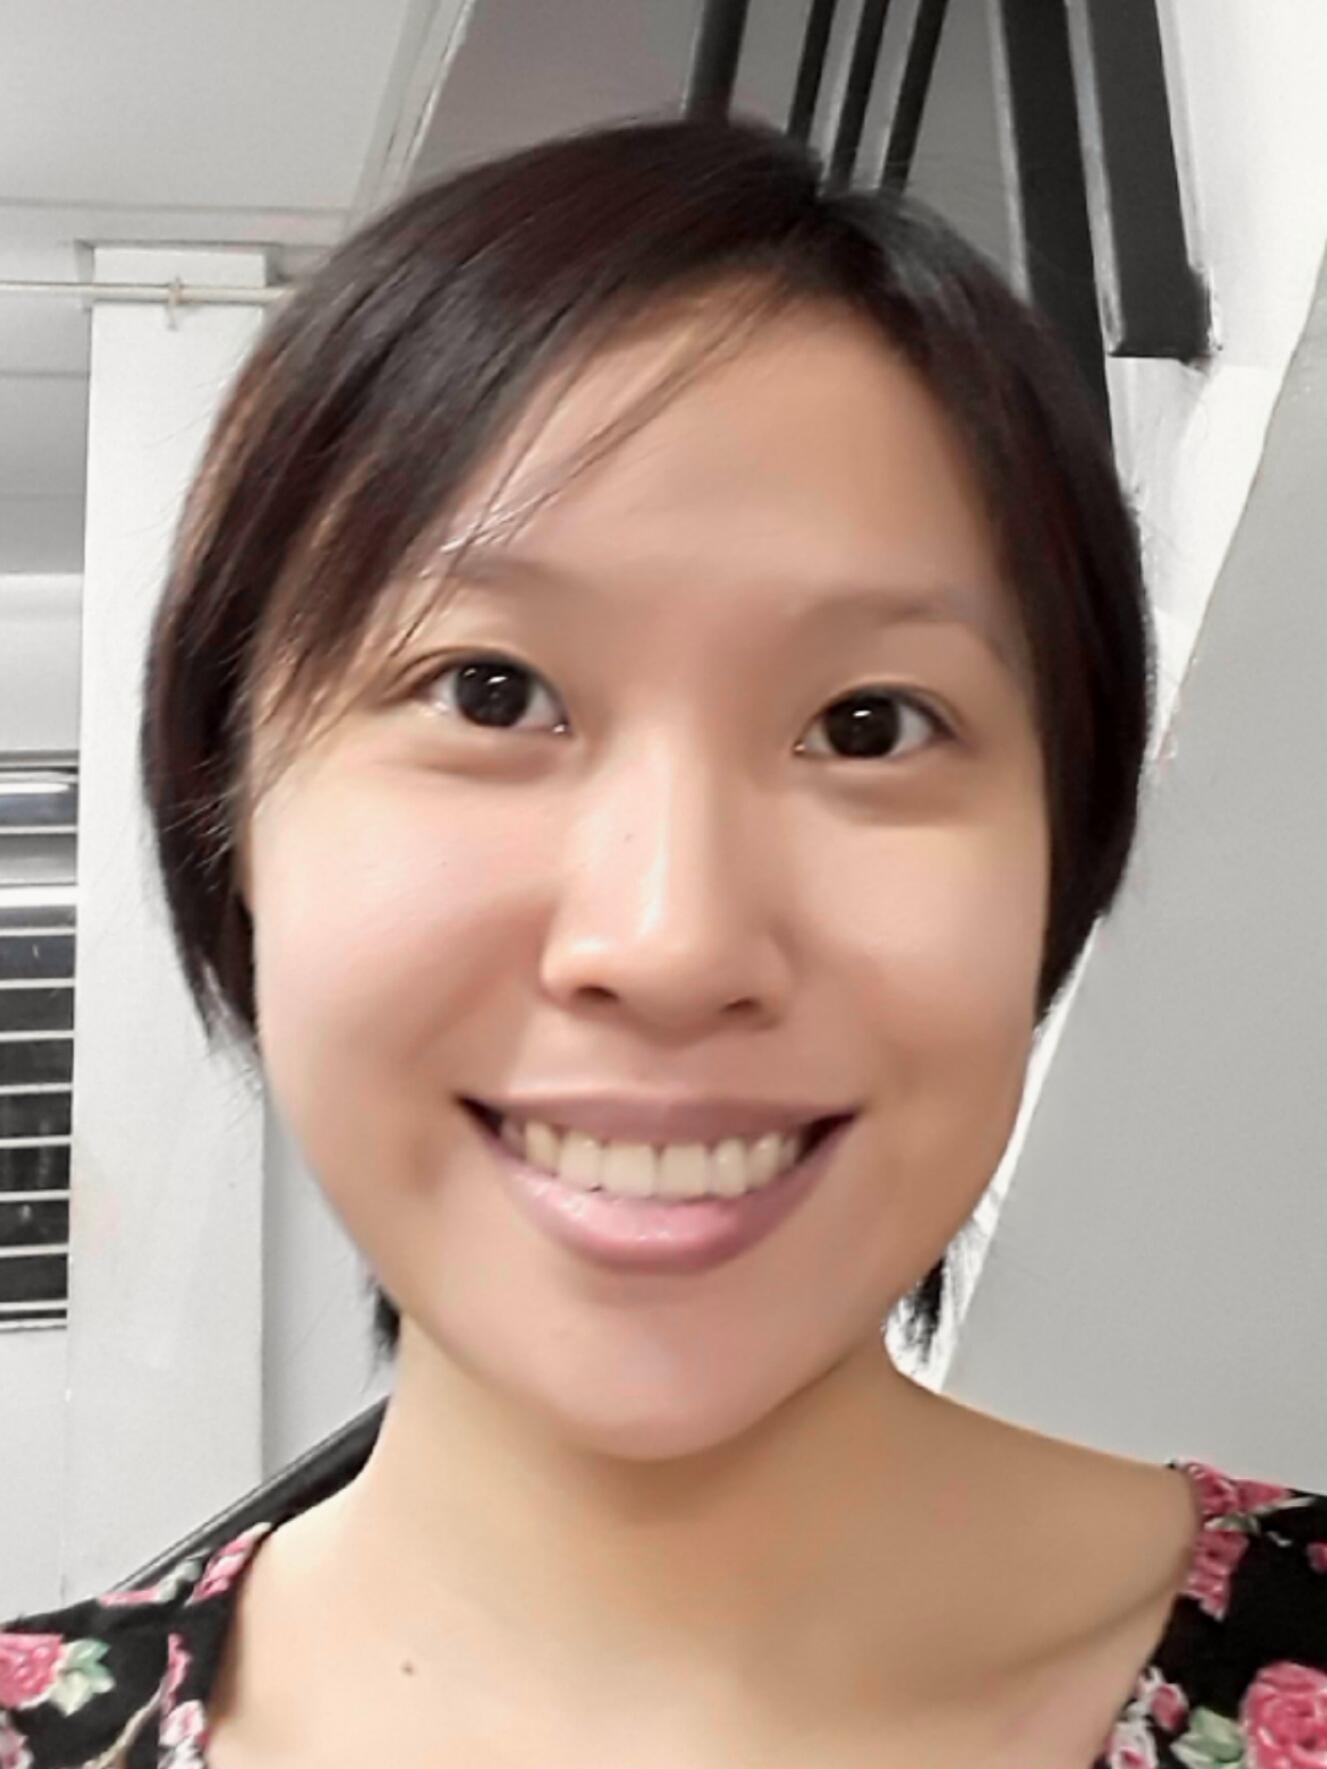 Nguyễn Ngọc Minh Trâm